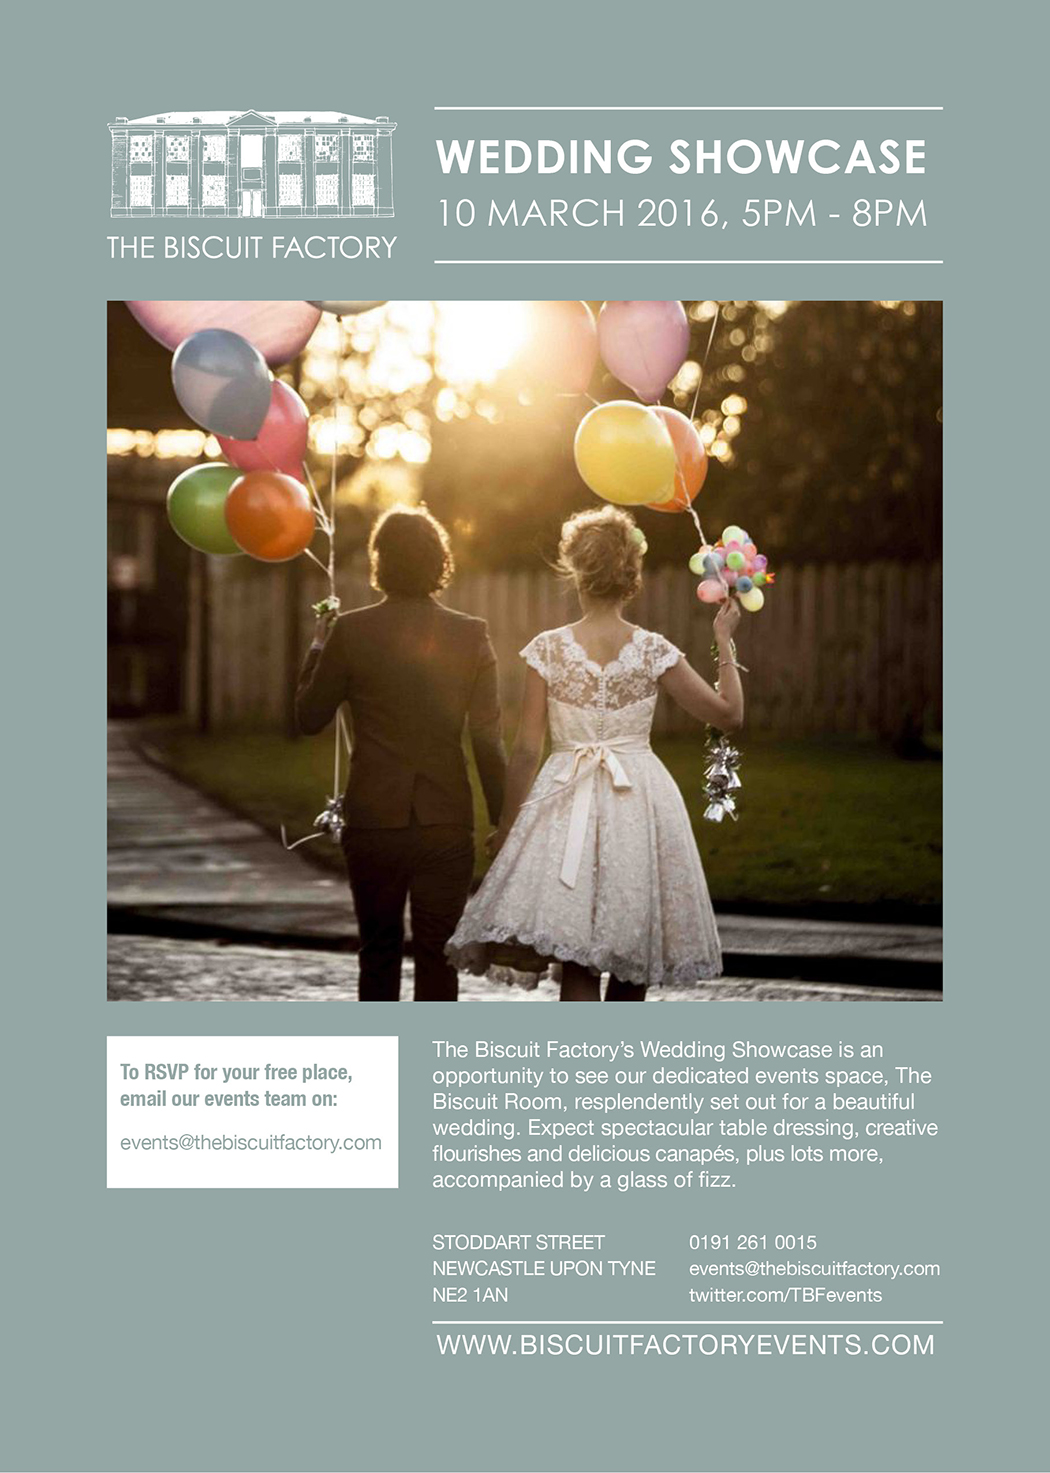 Wedding-Showcase-March-2016-flyer-1050